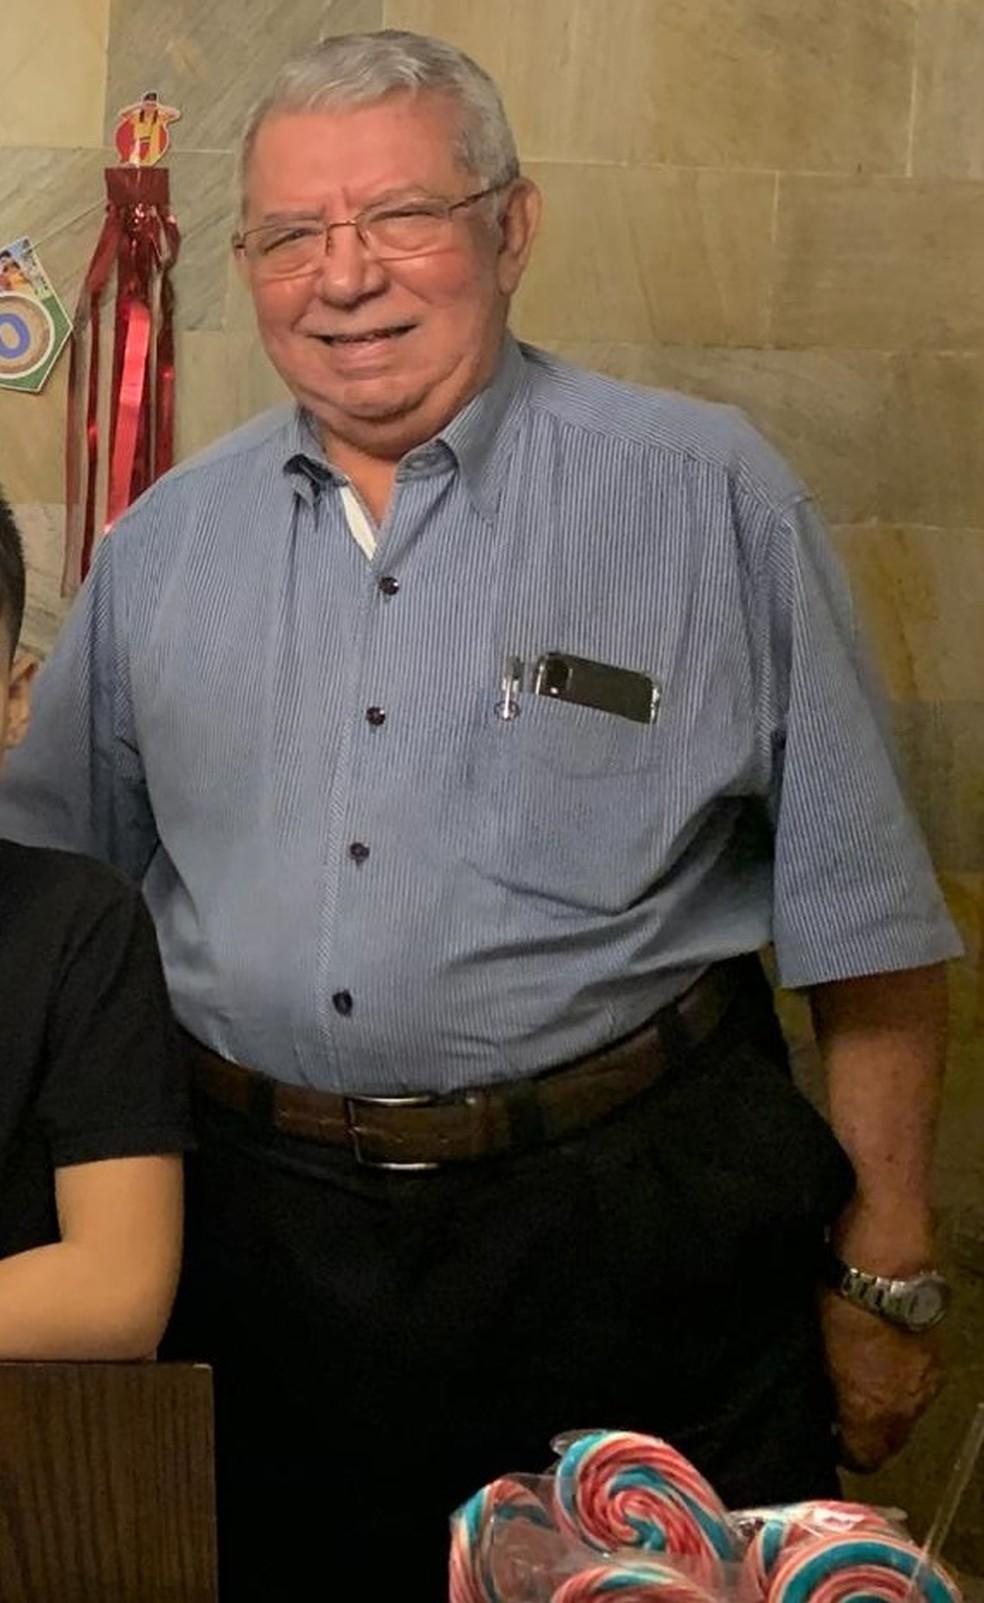 Valdir Faria de Moraes, de 76 anos, lutou conta o vírus por 15 dias, período em que ficou internado na Unidade de Terapia Intensiva (UTI) de um hospital particular de Rondonópolis — Foto: Arquivo pessoal